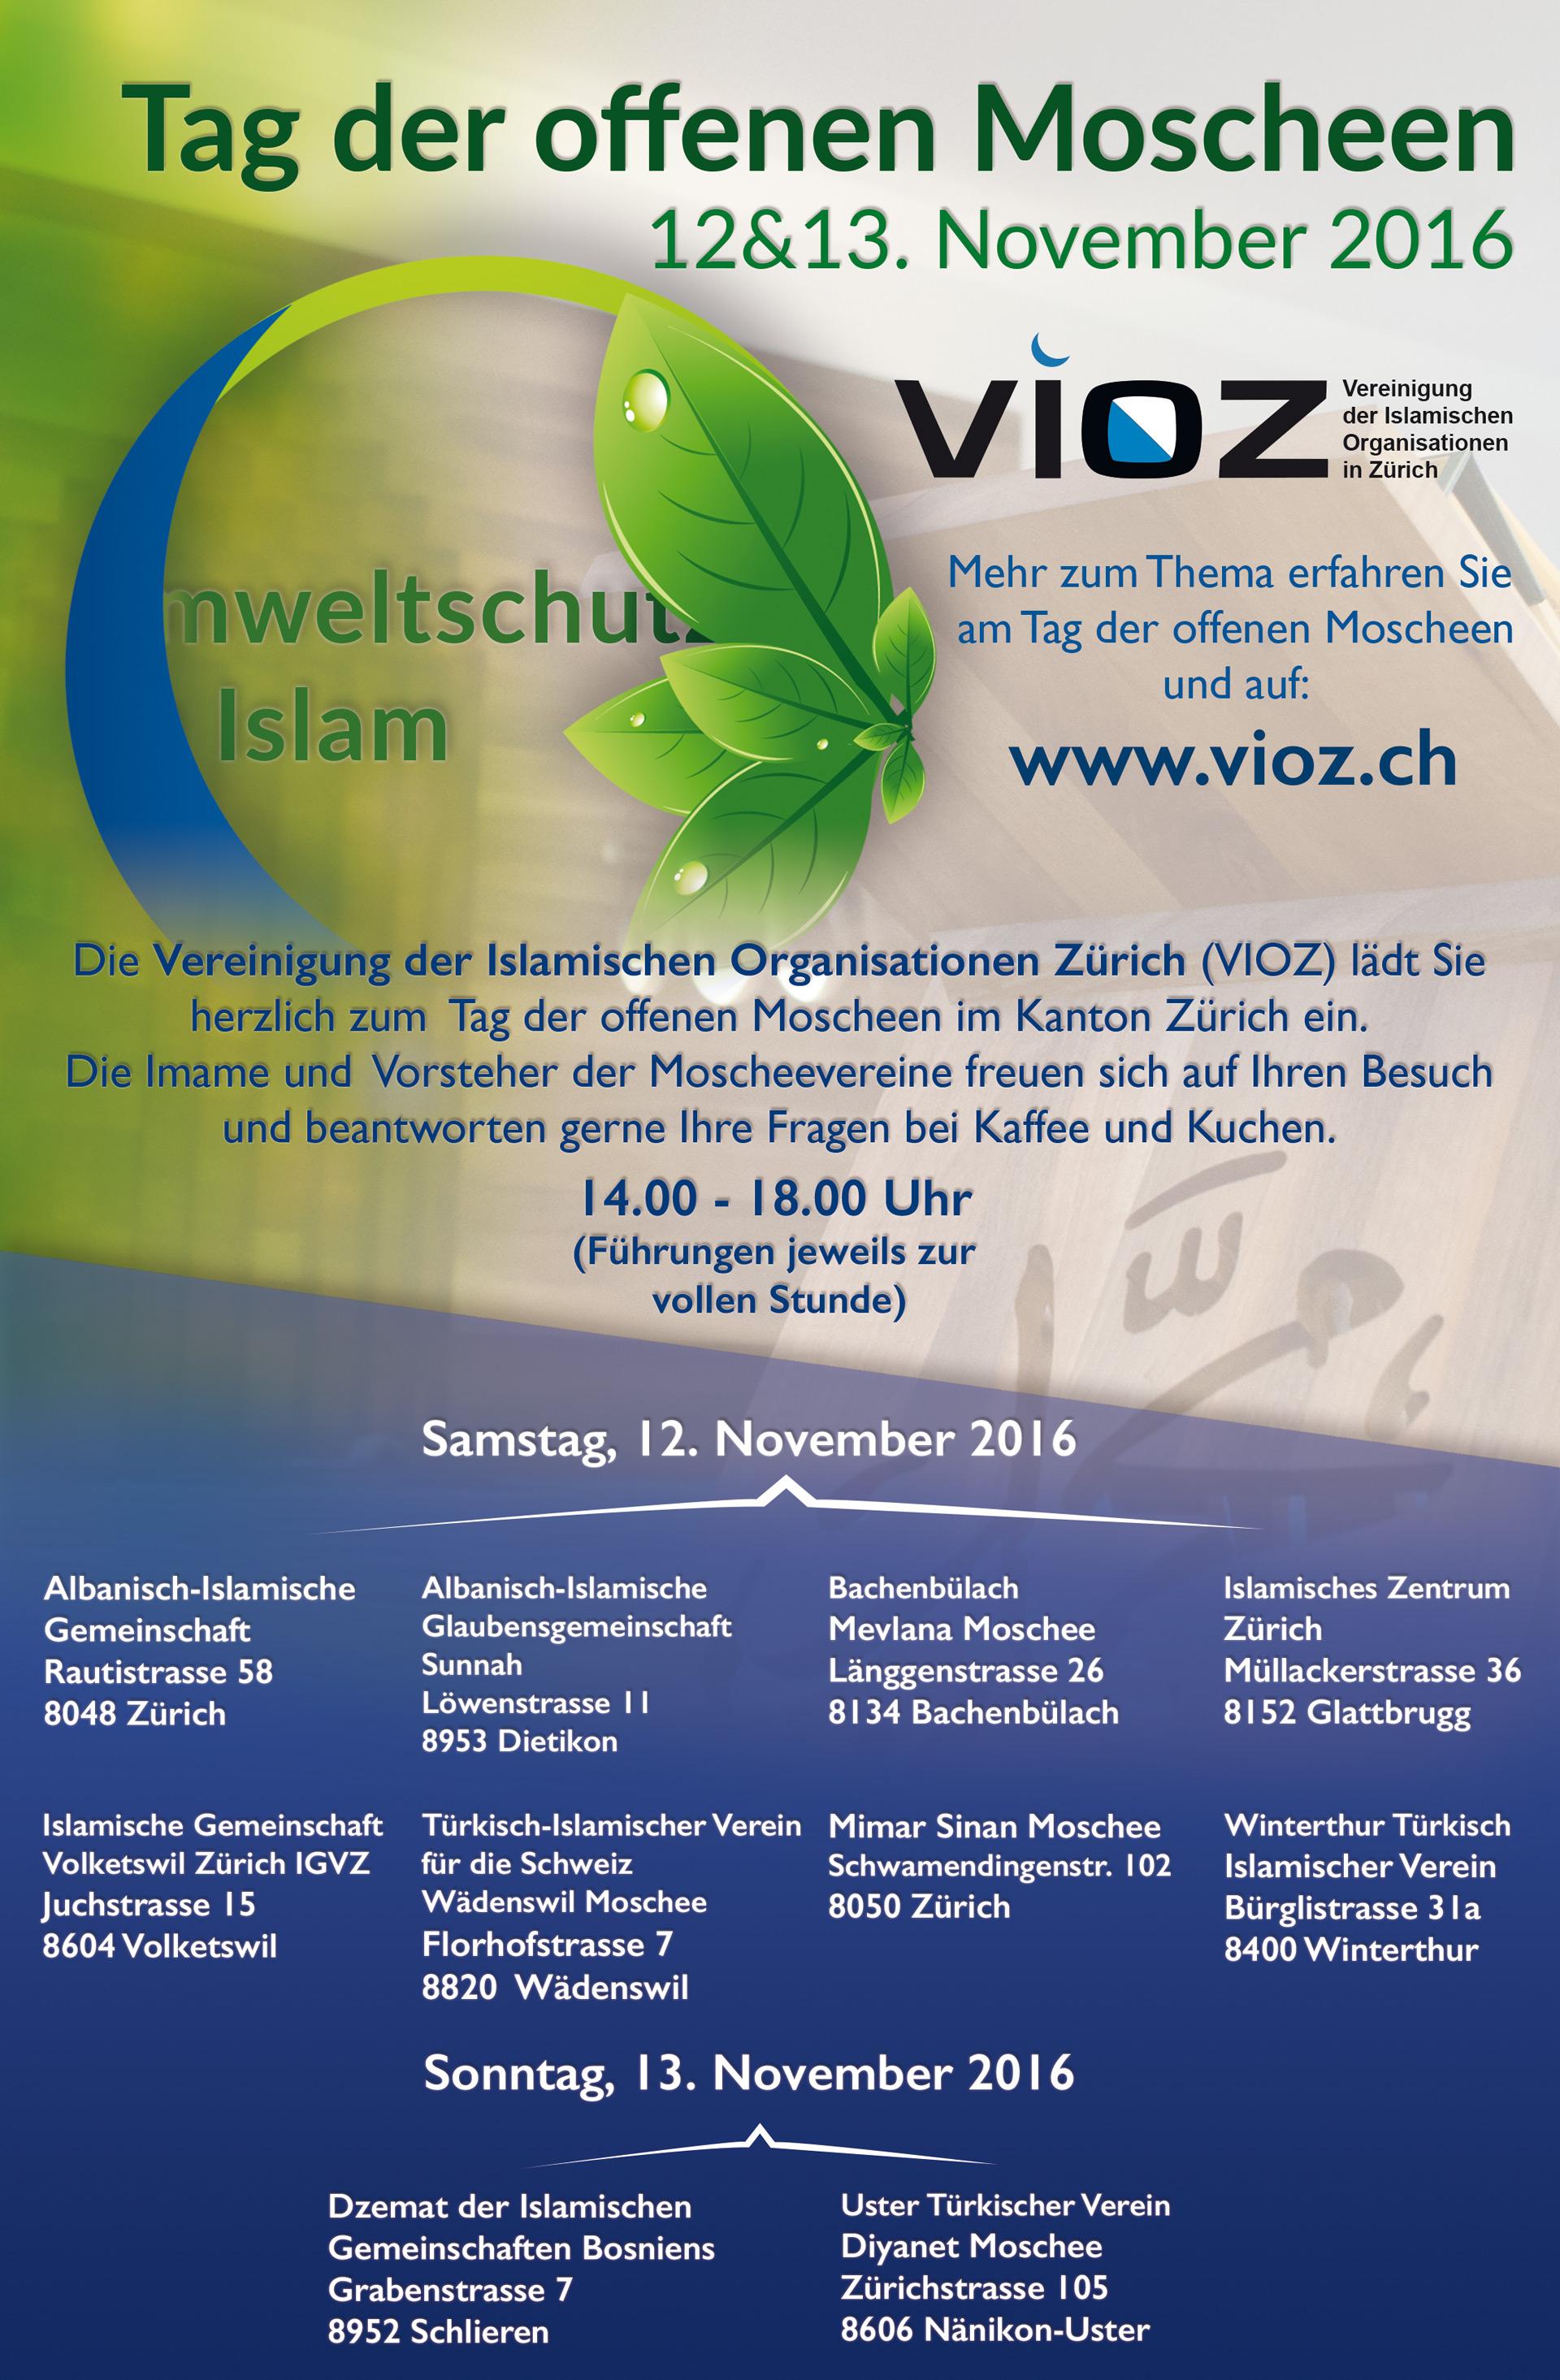 Tag der offenen Moscheen | www.vioz.ch